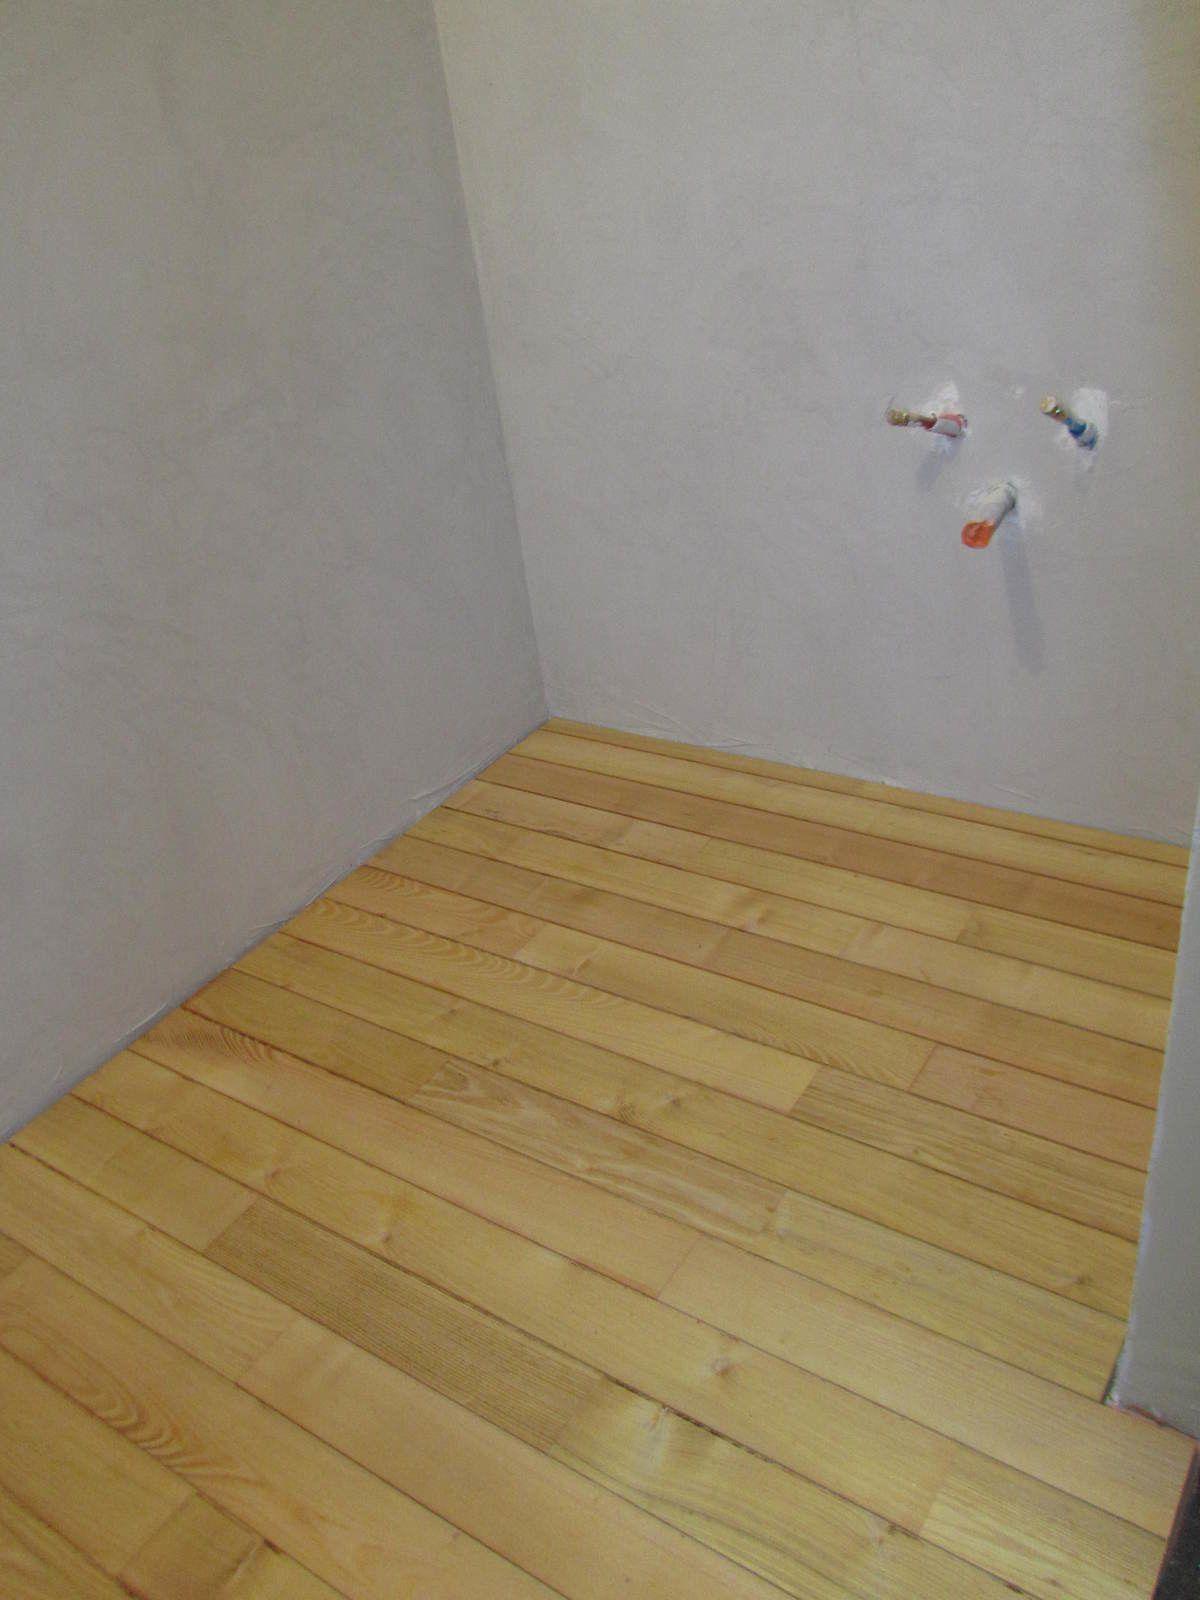 avanc e des travaux s38 parquet robinier de la salle de bain maison paille. Black Bedroom Furniture Sets. Home Design Ideas